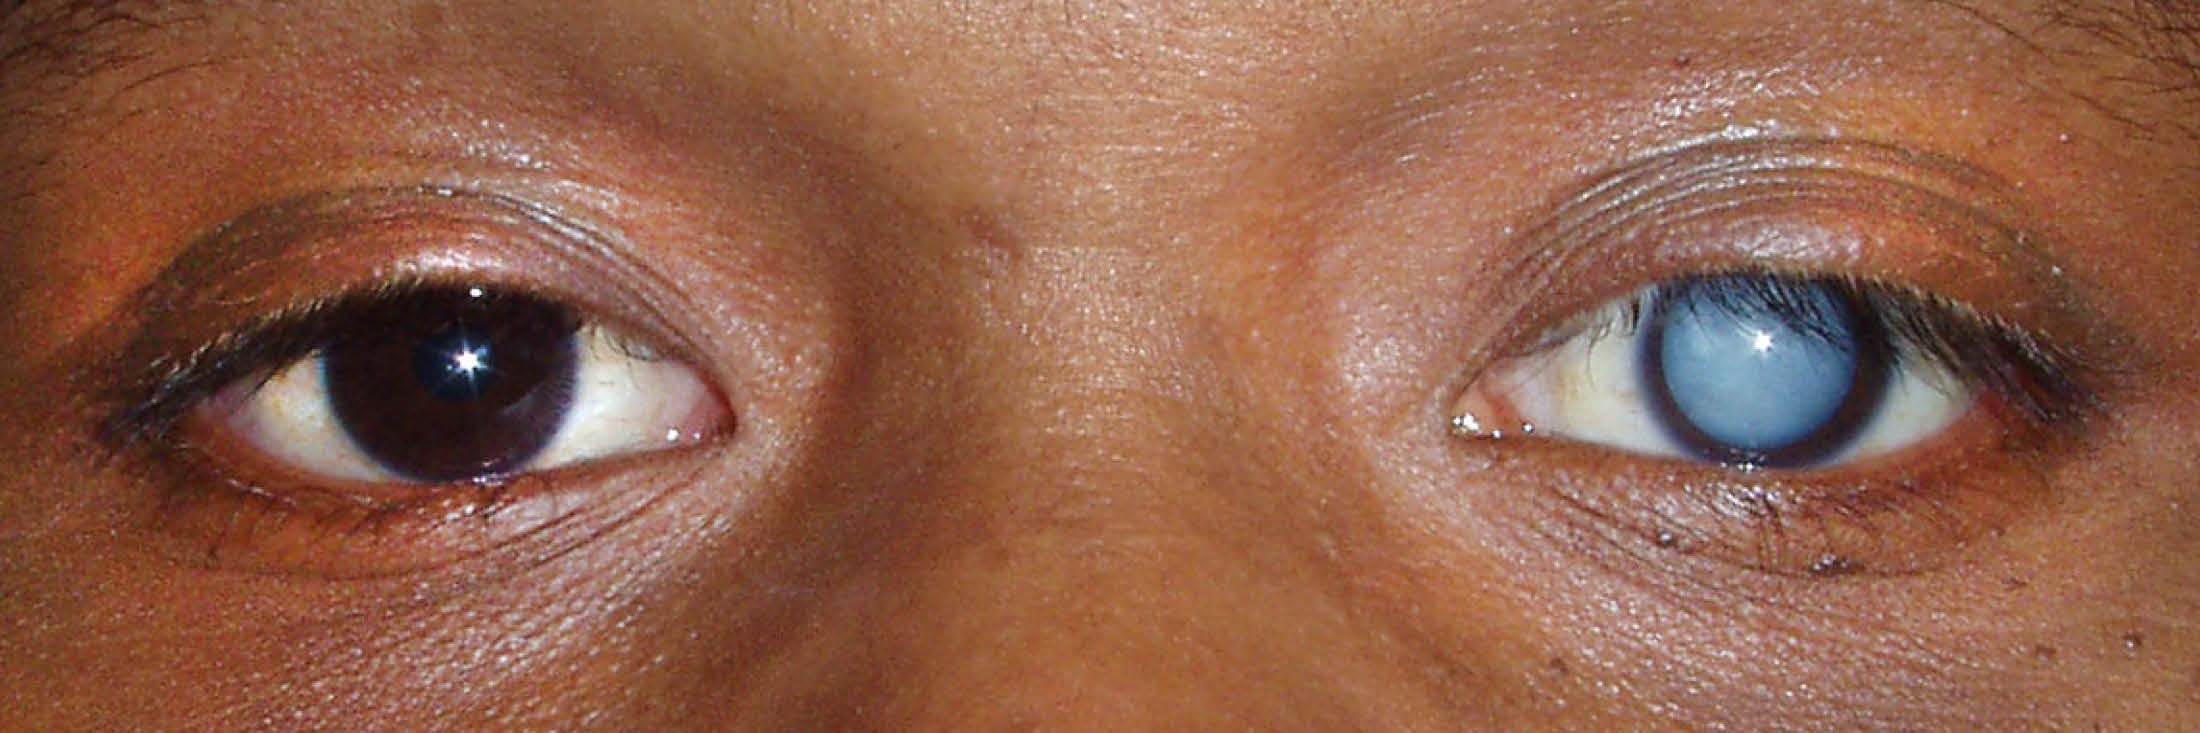 О болезнях глаз у курицы: что делать, если один глаз закрылся, как лечат слепоту |